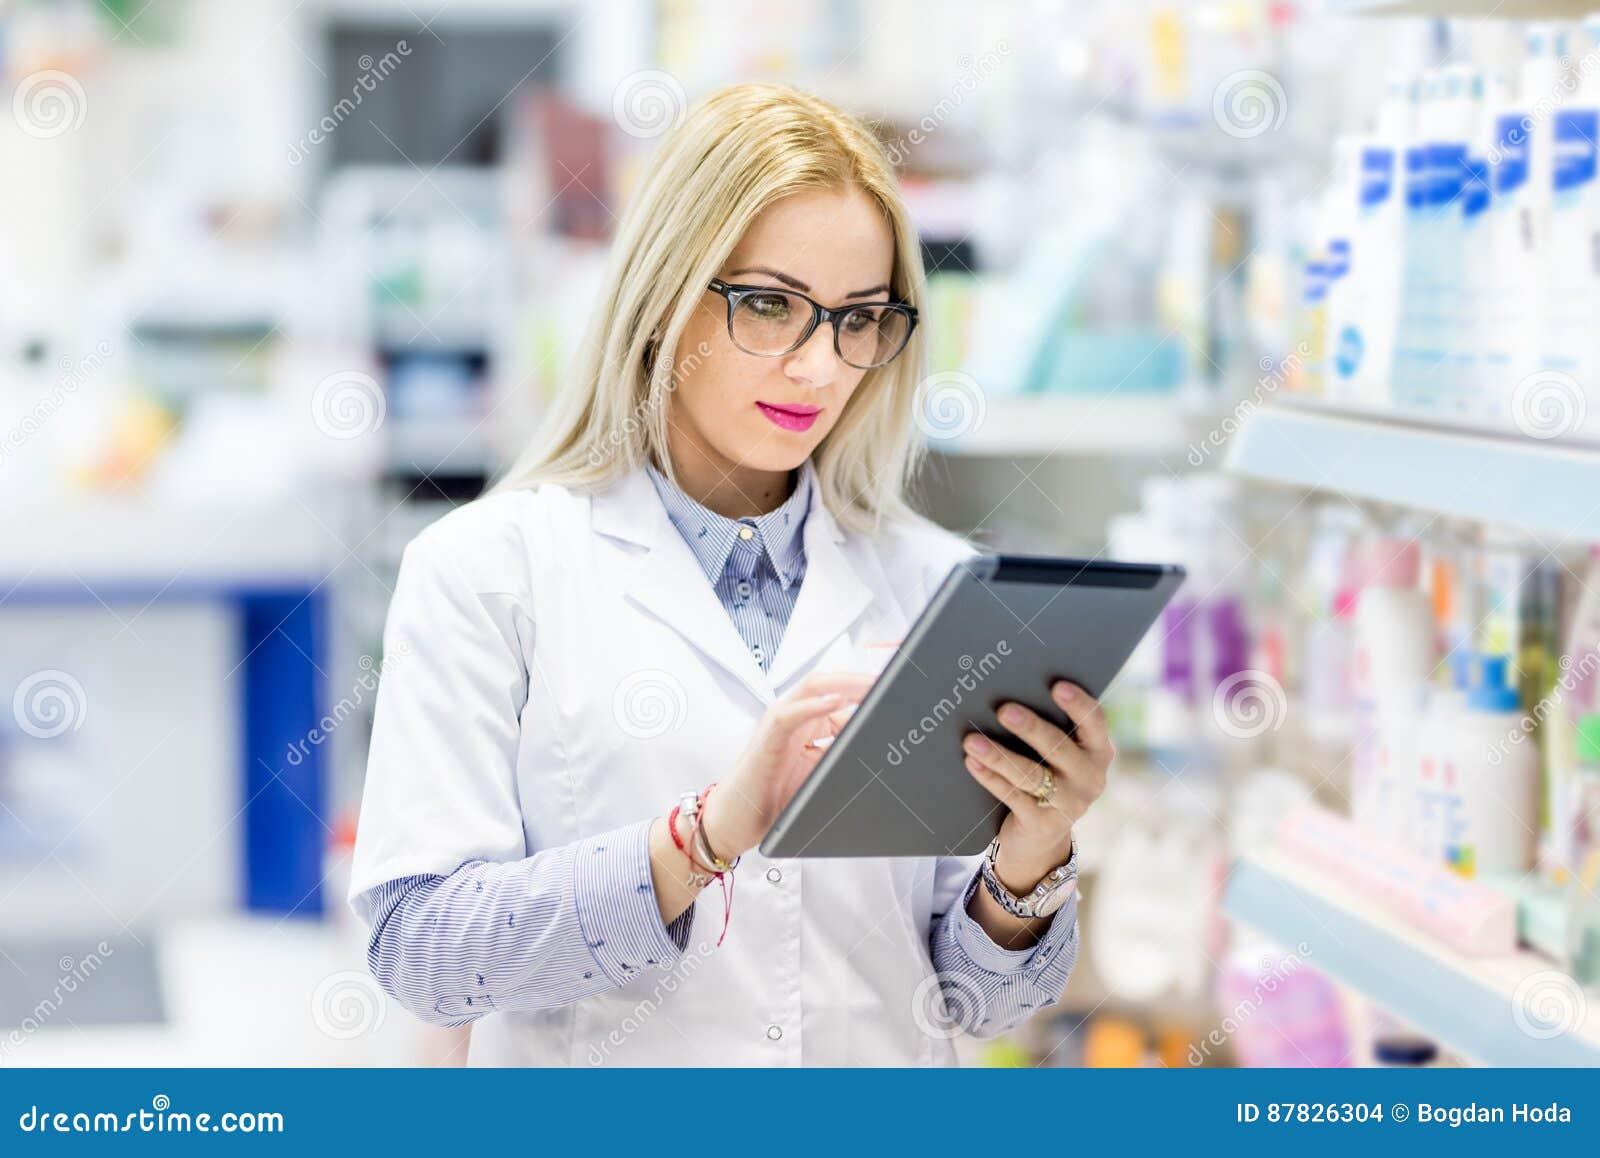 Детали фармации - доктор в белой форме используя таблетку и технология в фармацевтическом или медицинском поле